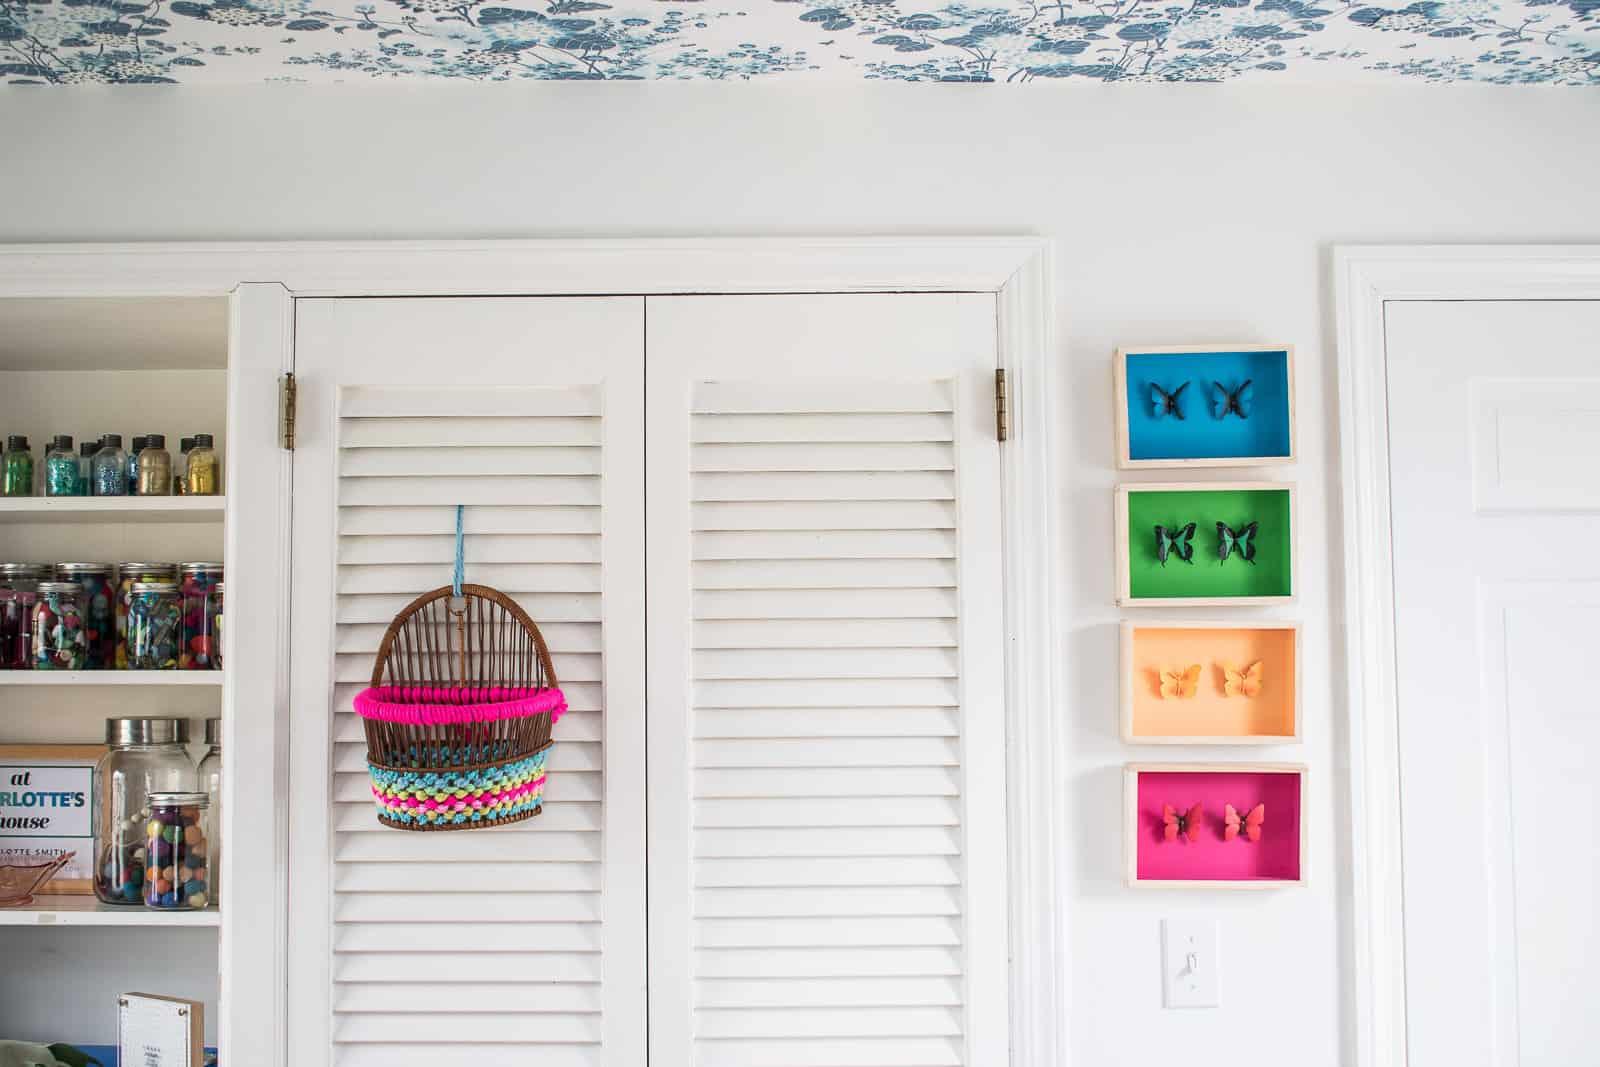 yarn woven basket